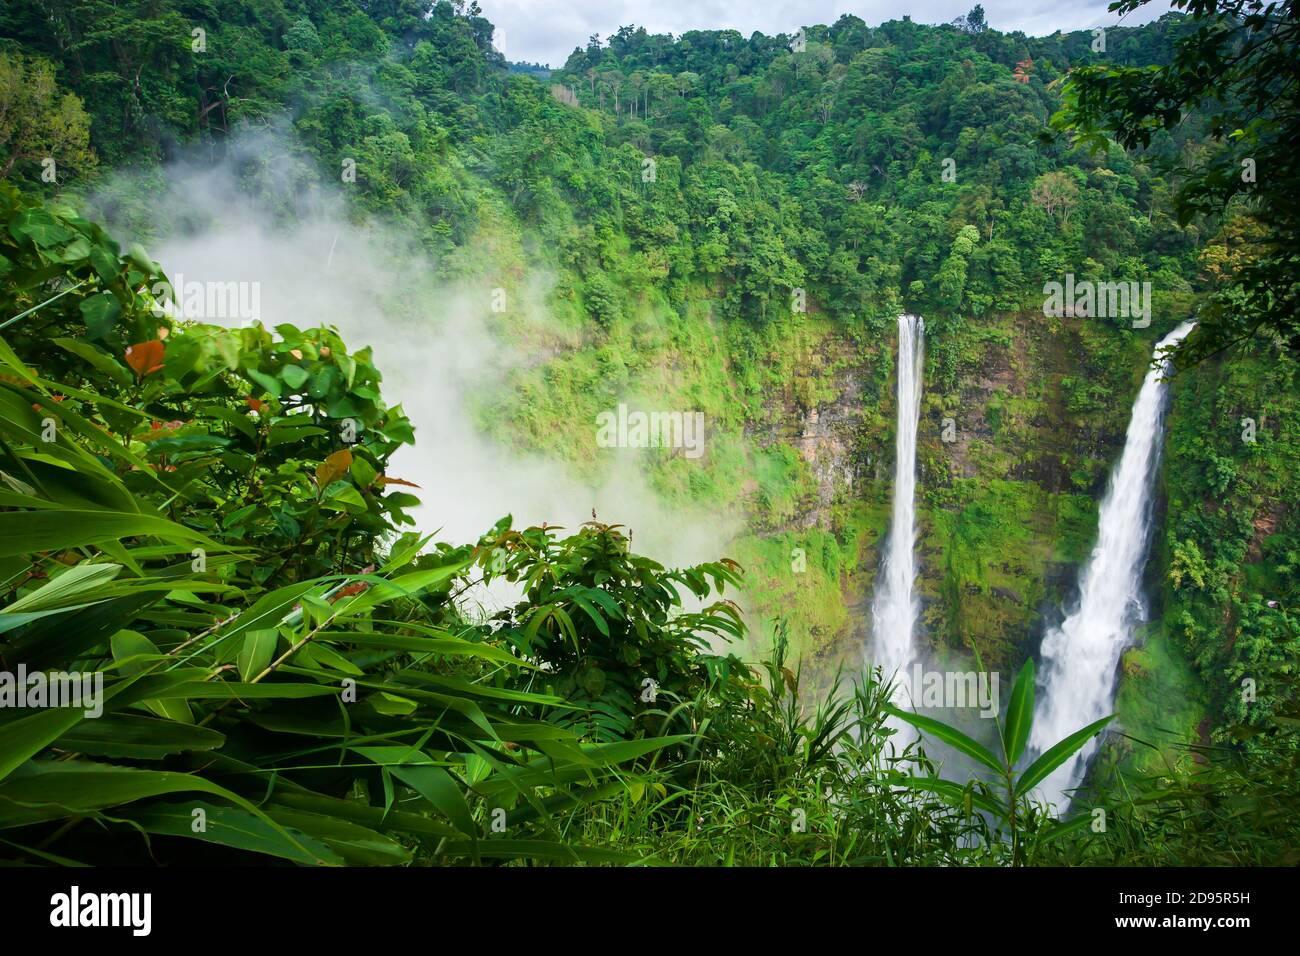 Paisaje Tad Fane cascadas en la niebla de la mañana, cascada gemela mágica en la temporada de lluvia, atracciones turísticas en el sur de Laos. Foto de stock